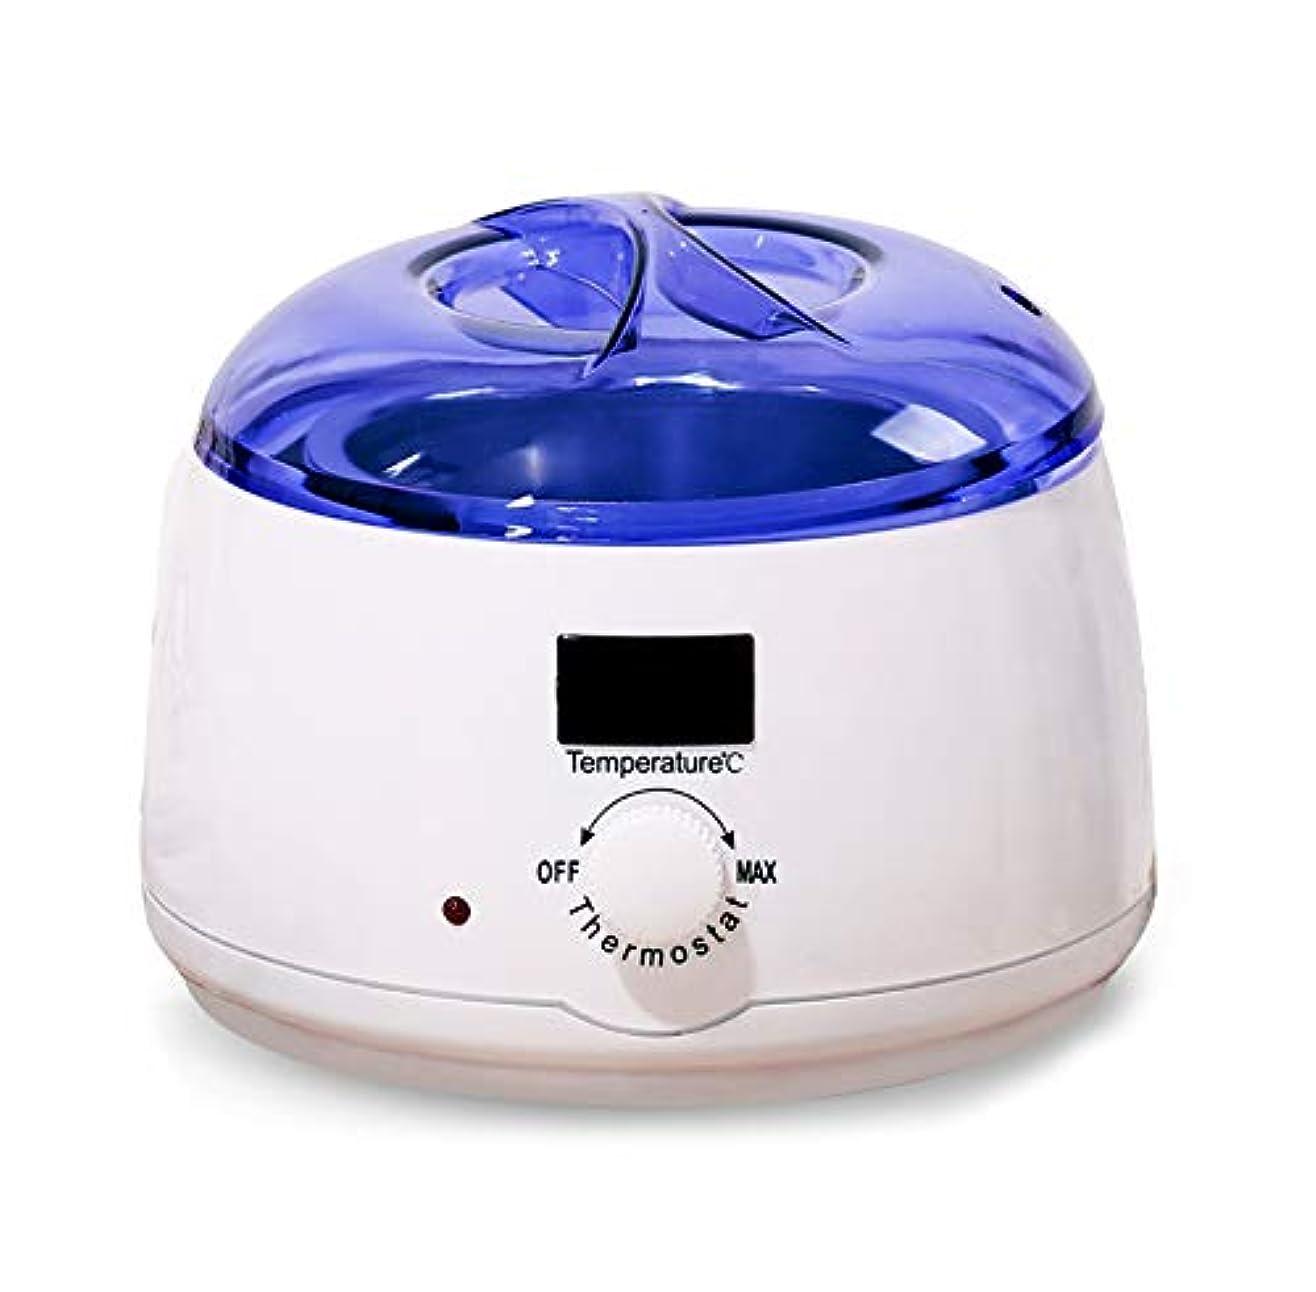 ラップなめるいうワックス加熱ポットプロフェッショナルポータブル脱毛電気ワックスウォーマー、家庭用およびサロン用高速加熱